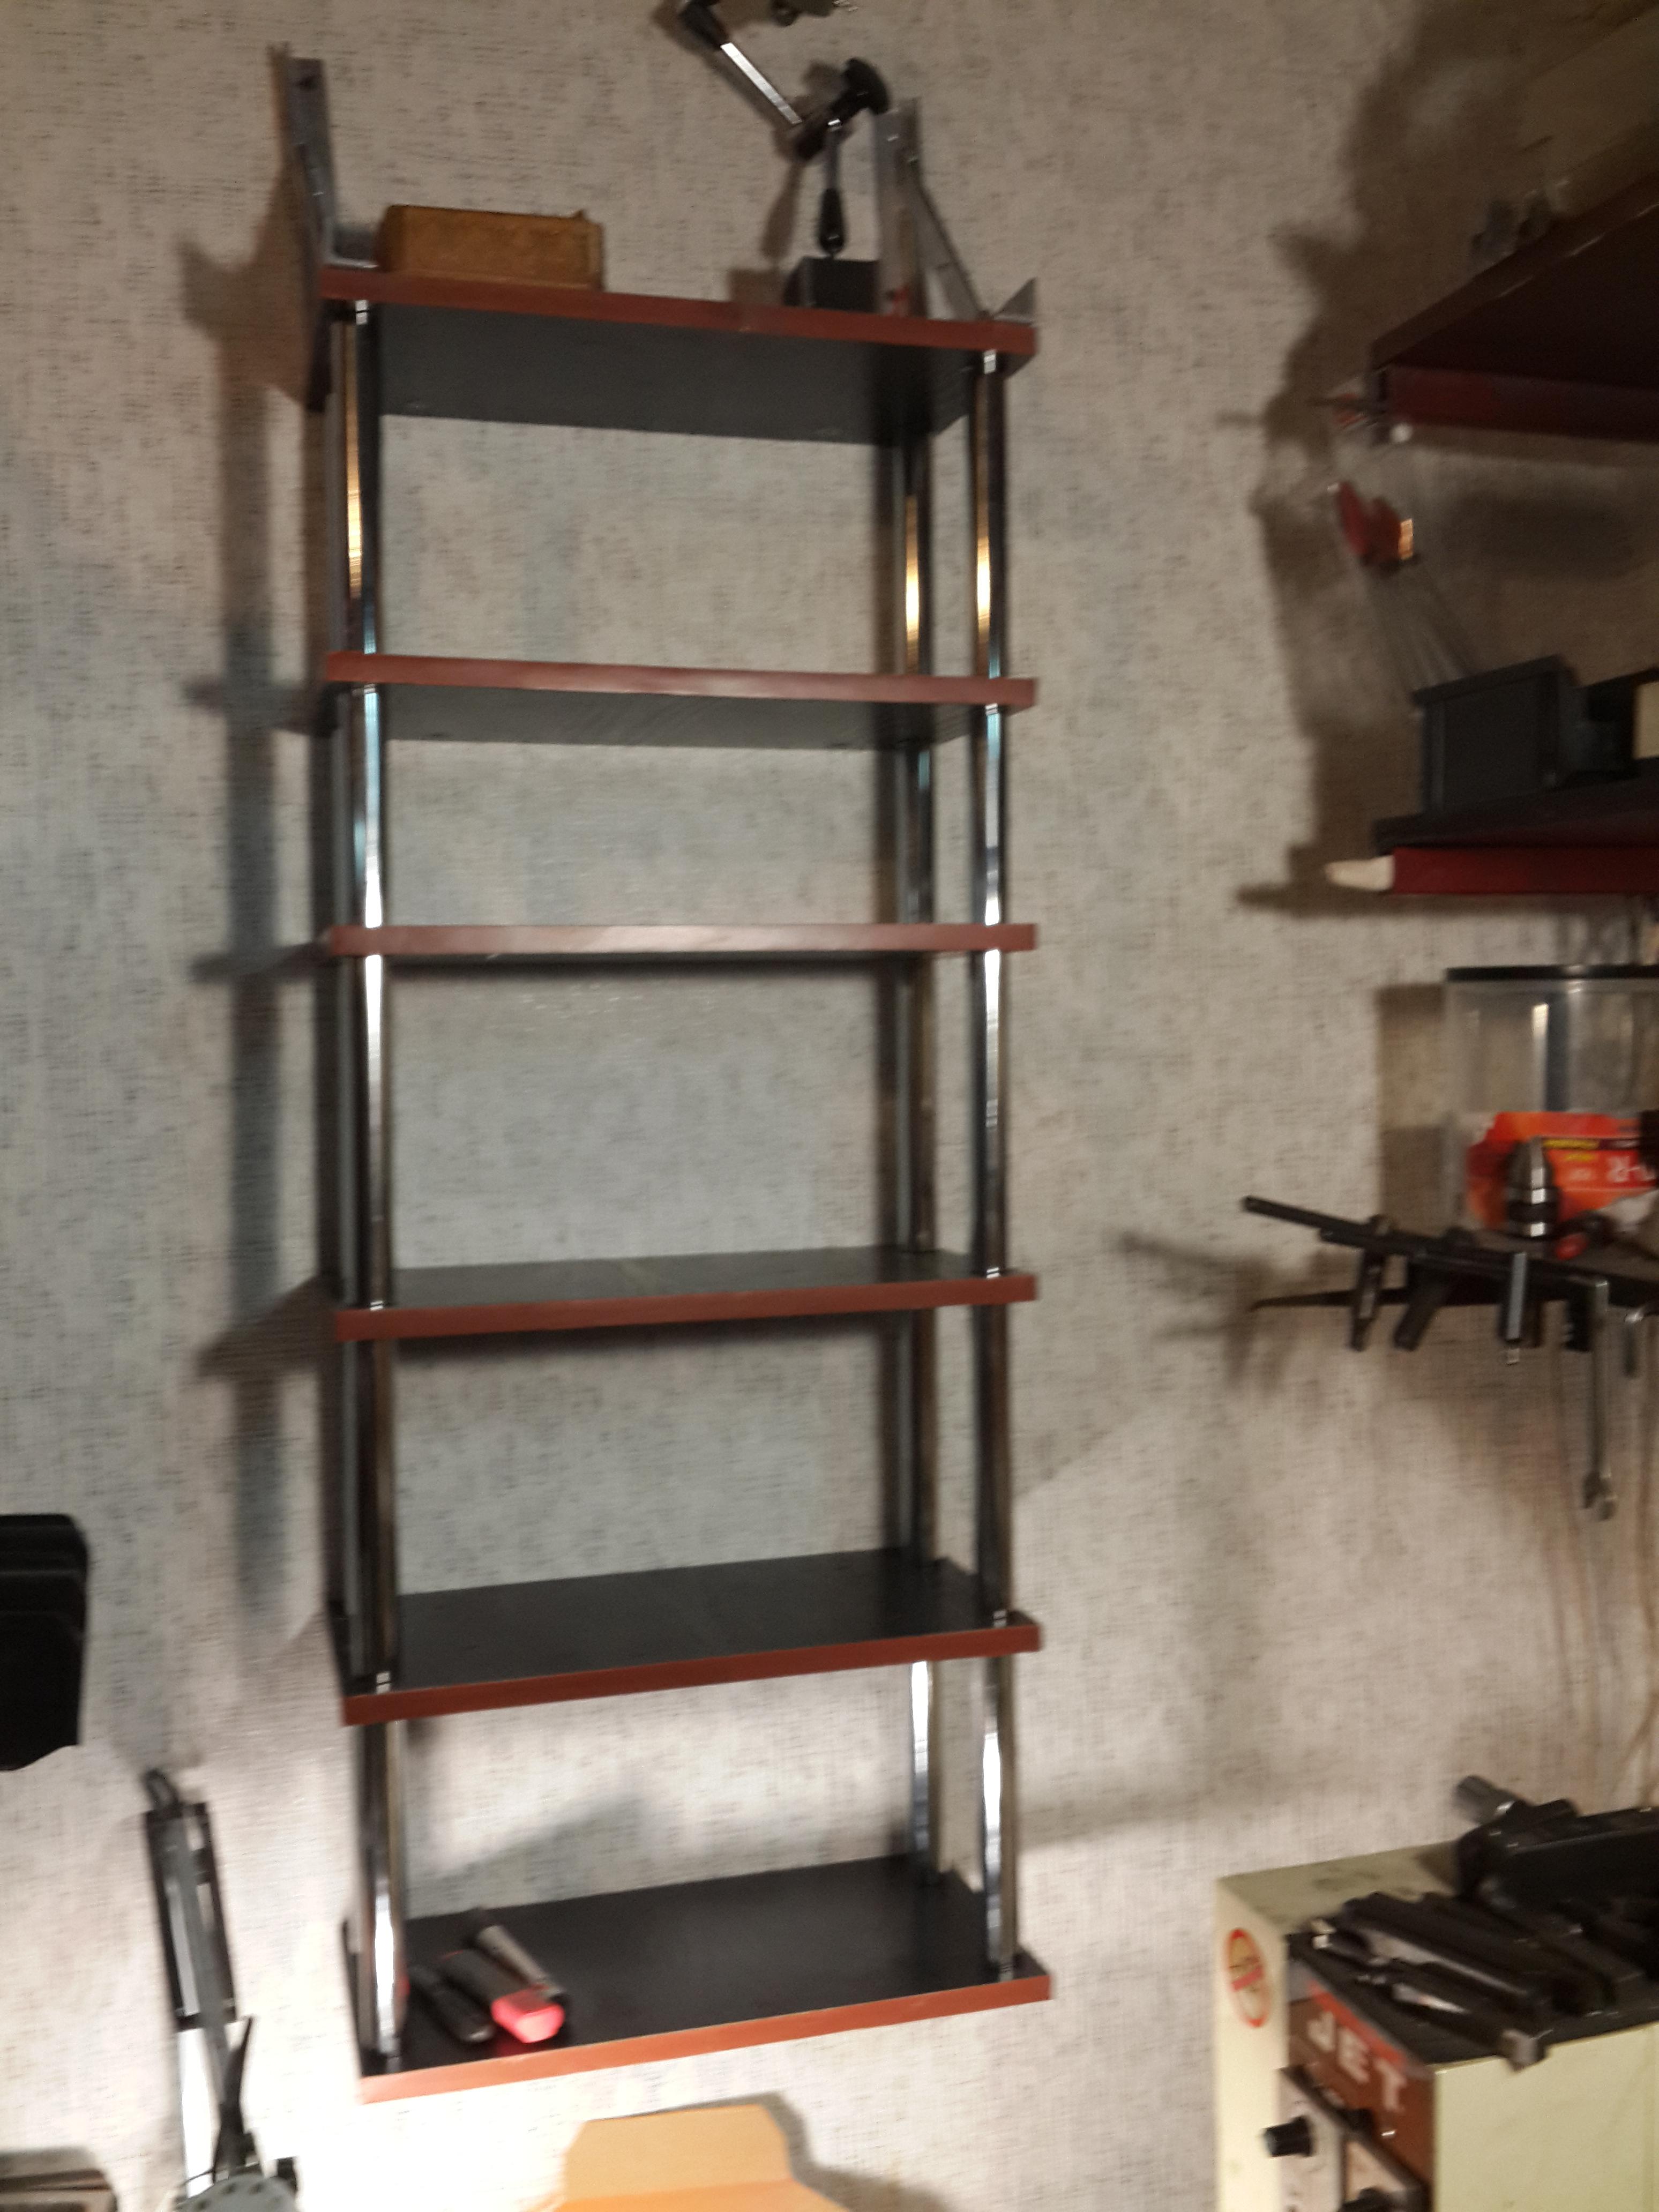 Фото Недорогие полочки для дачи\гаража\мастерской по индивидуальным  размерам .